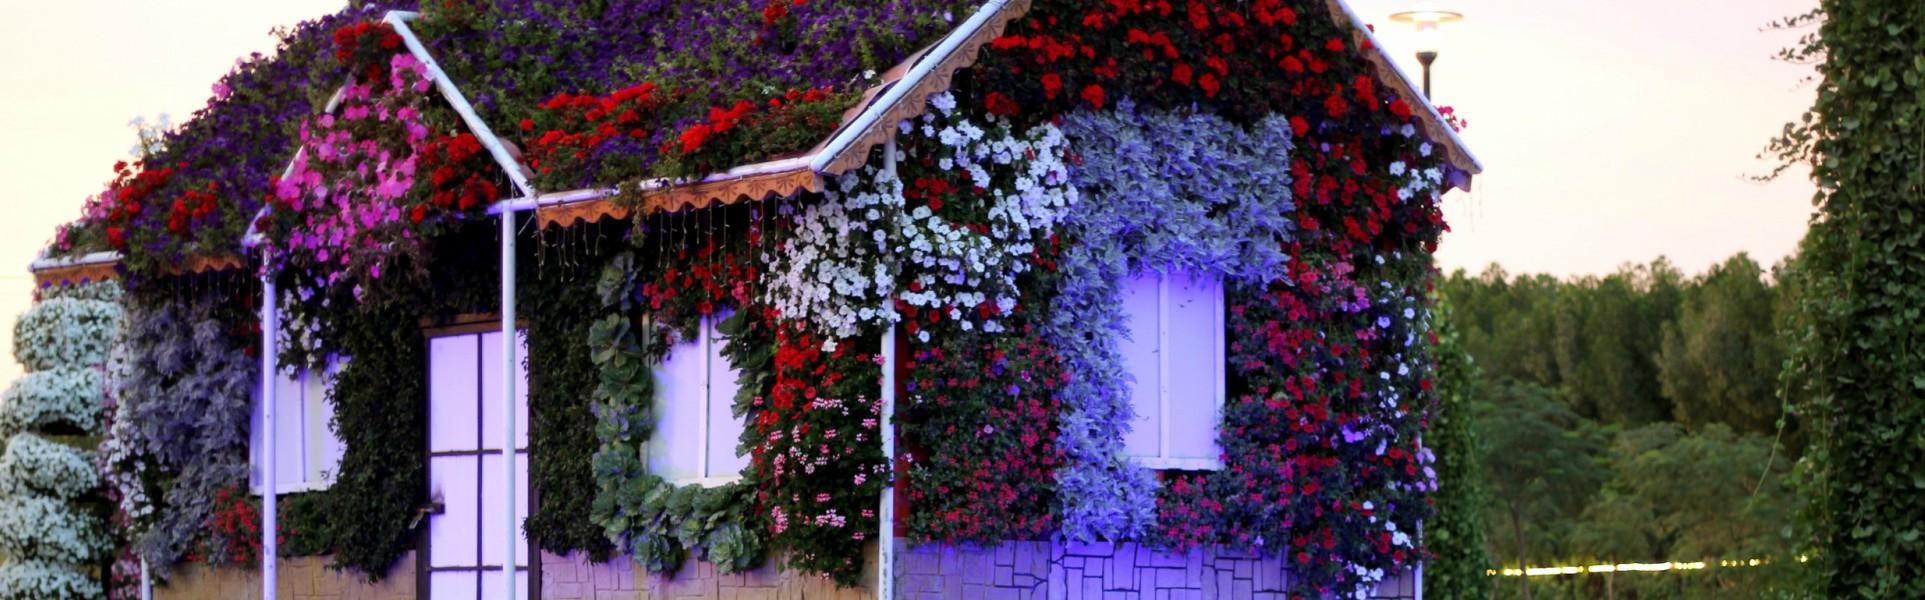 dubai-miracle-garden-1235962-1